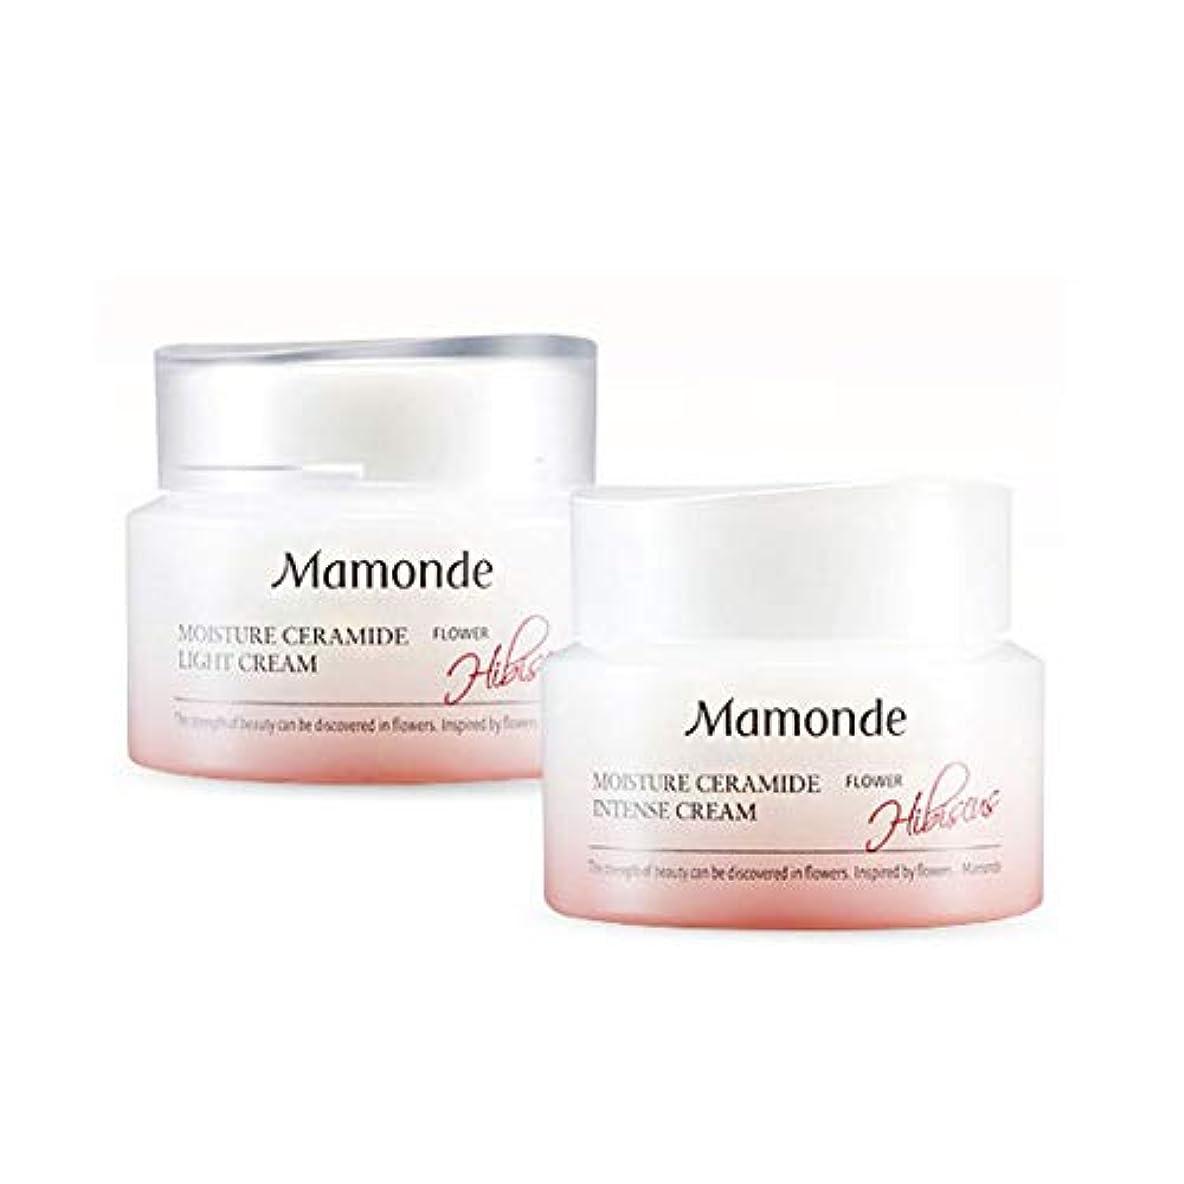 動脈いじめっ子胴体マモンドモイスチャーセラミドインテンスクリーム50mlx2本セット韓国コスメ、Mamonde Moisture Ceramide Intense Cream 50ml x 2ea Set Korean Cosmetics...